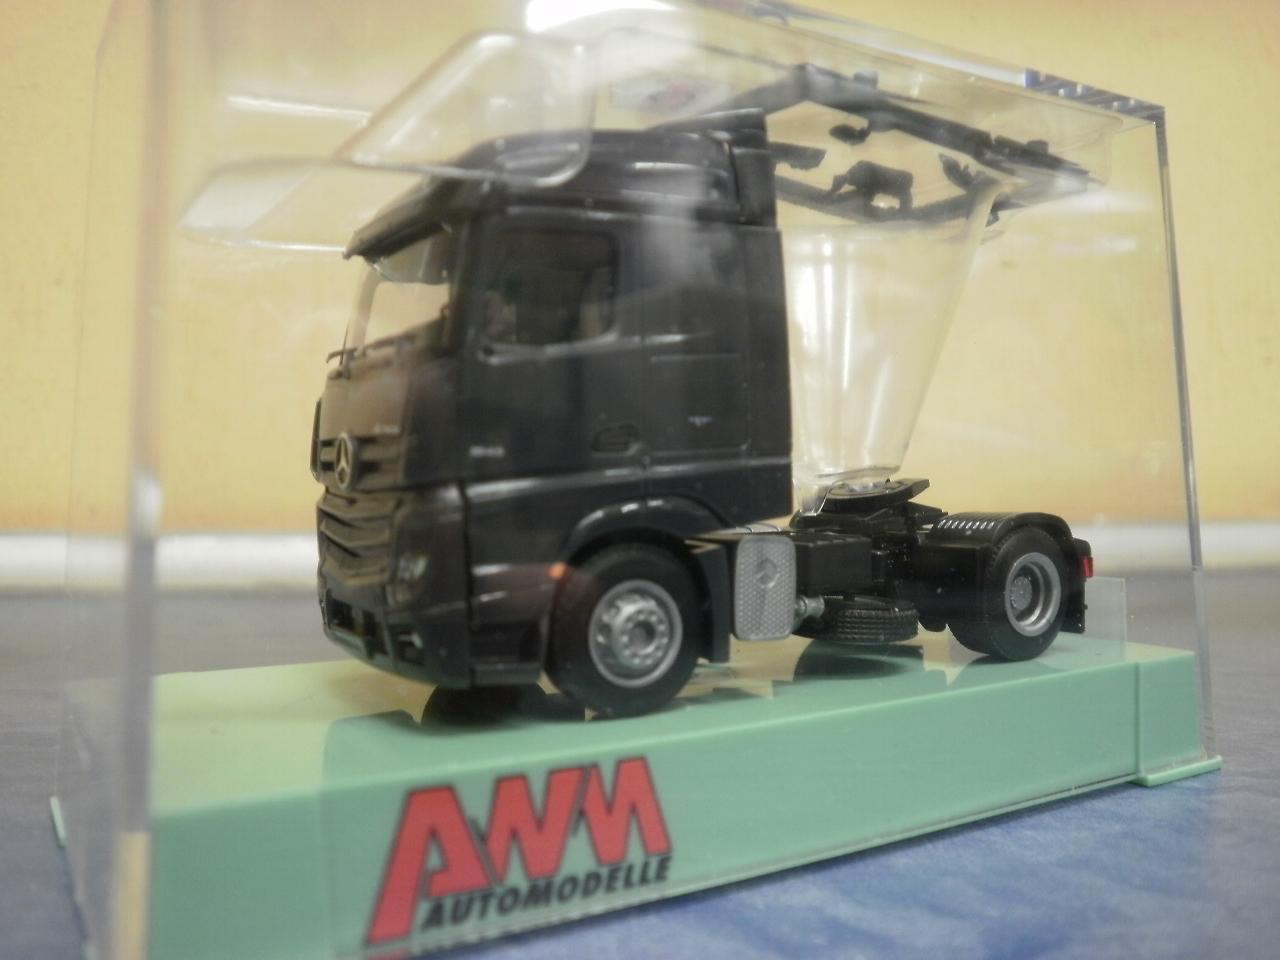 AWM LKW DAF 106 XF SC SZM 3achs 9019.51